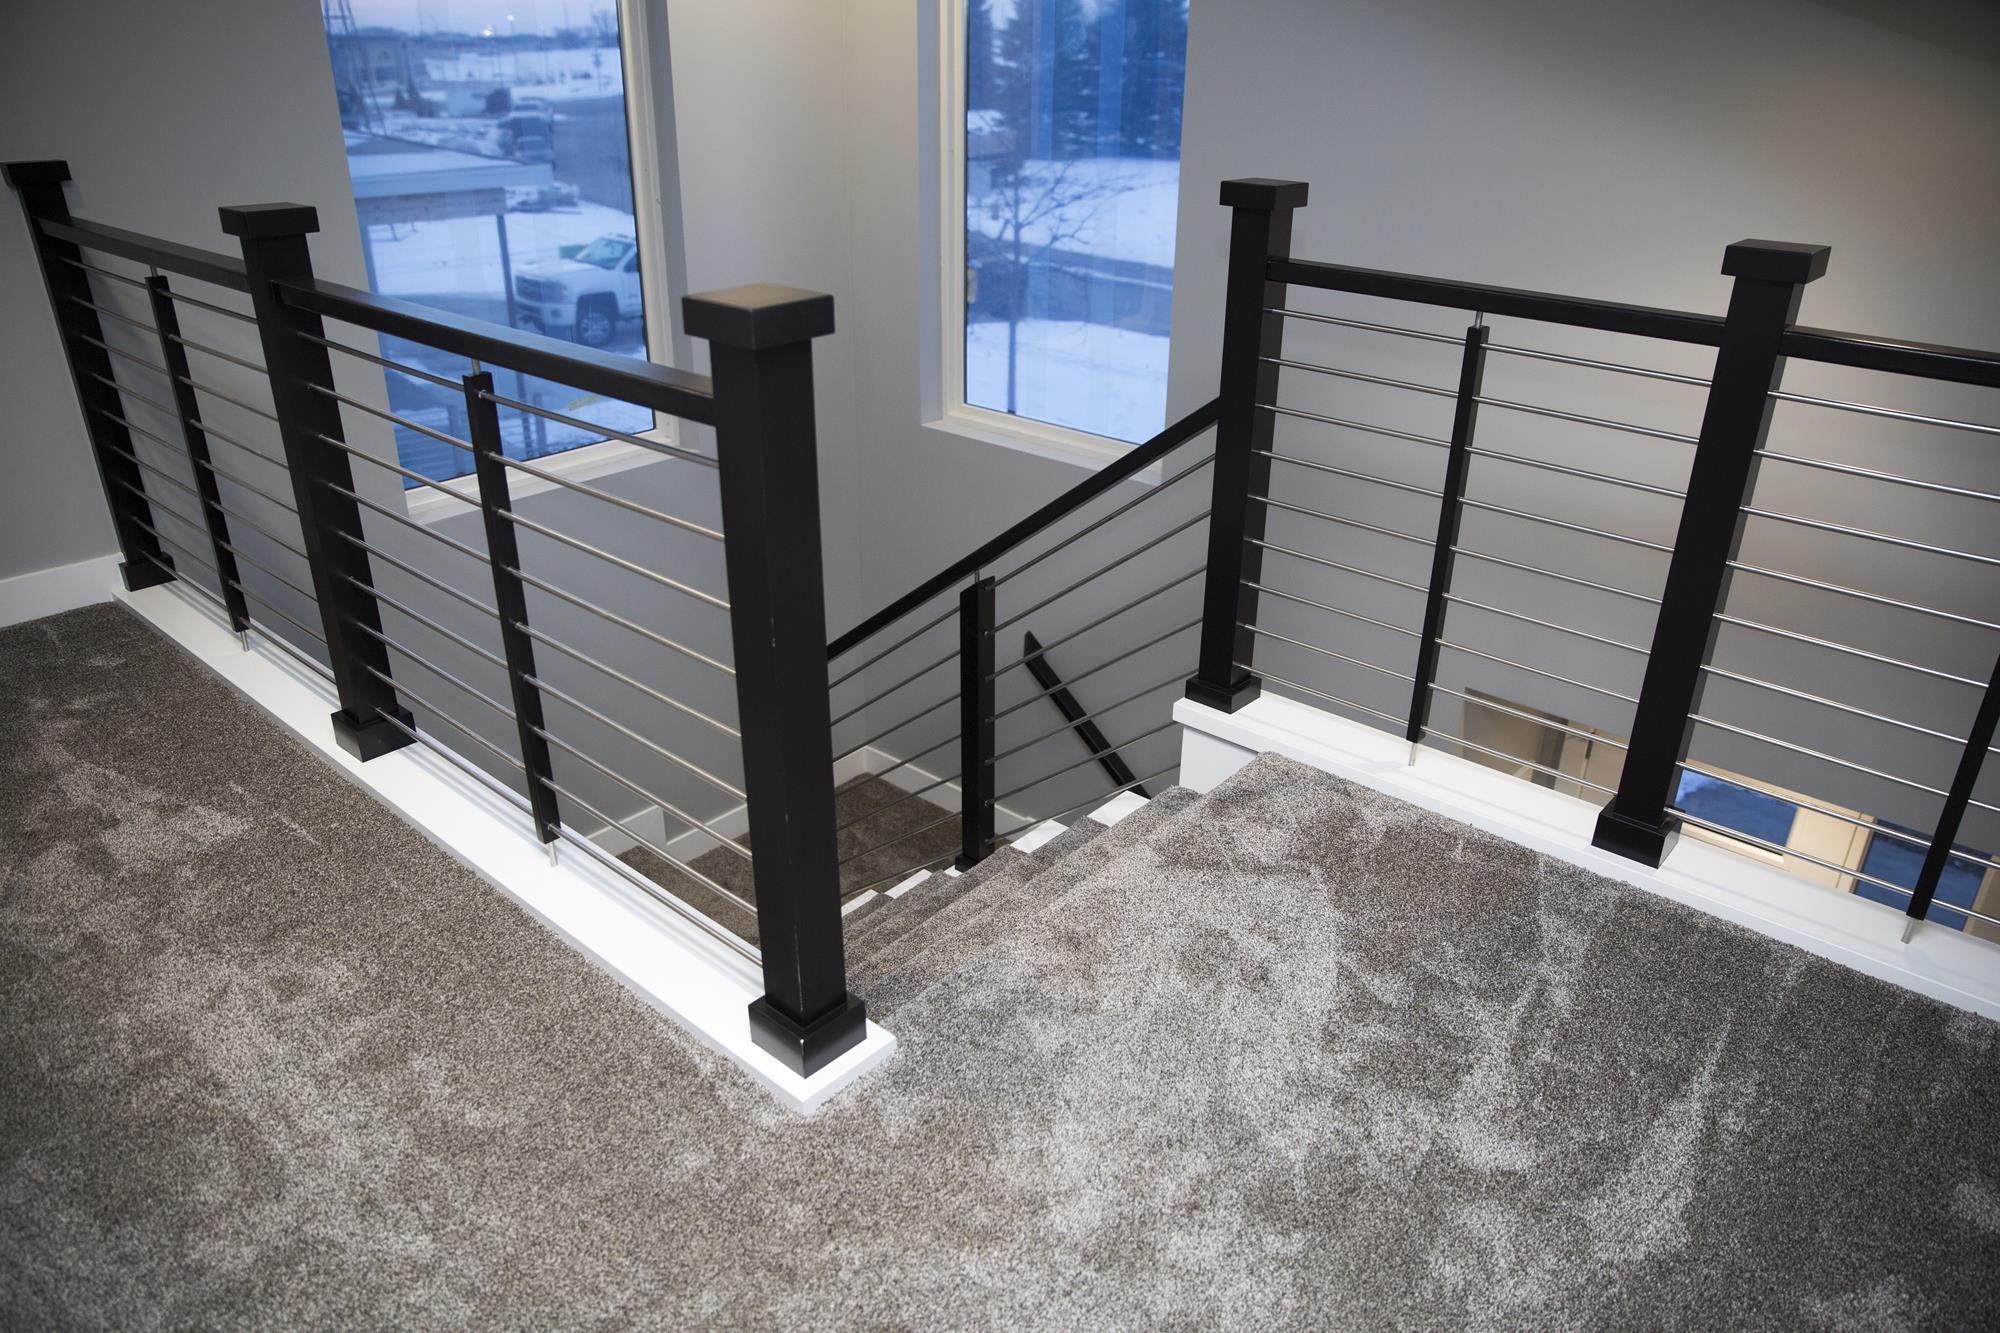 Top View of Stairway with custom built stainless steel railings